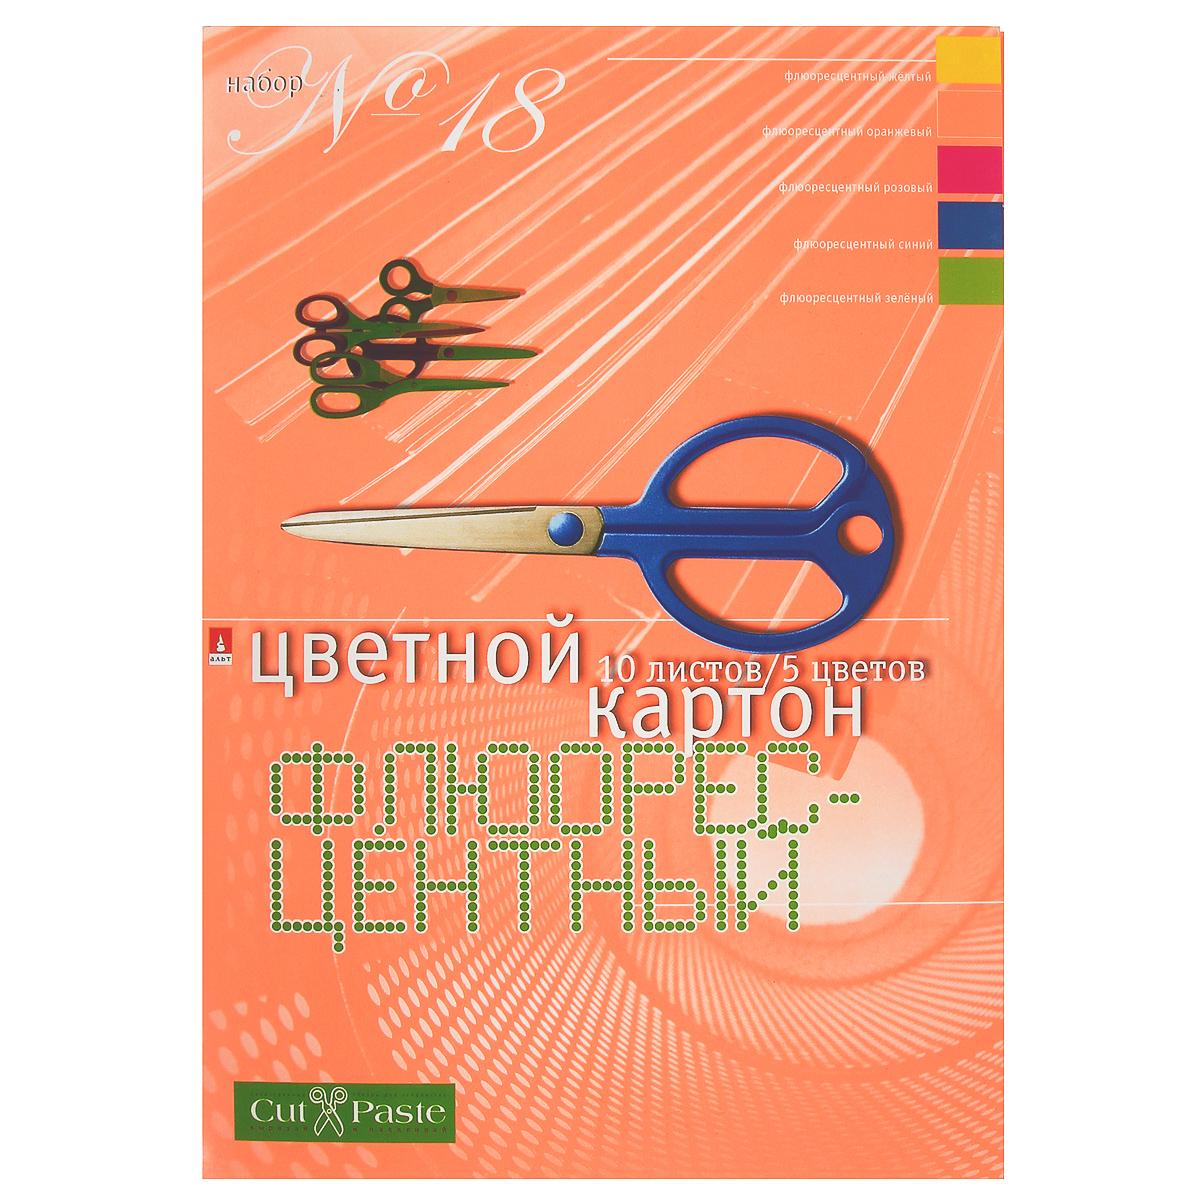 Цветной картон Альт, флюоресцентный, №18, 5 цветов72523WDНабор цветного флуоресцентного картона позволит создавать всевозможные аппликации и поделки. Набор состоит из 10 листов желтого, оранжевого, розового, синего и зеленого цветов. Благодаря нанесению на листы особого состава, в темное время суток поделки из флуоресцентного картона излучают легкое сияние, что смотрится особенно нарядно. На обратной стороне папки приводится инструкции с фотографиями и рисунками по изготовлению поделок. Создание поделок из цветного картона позволяет ребенку развивать творческие способности, кроме того, это увлекательный досуг.